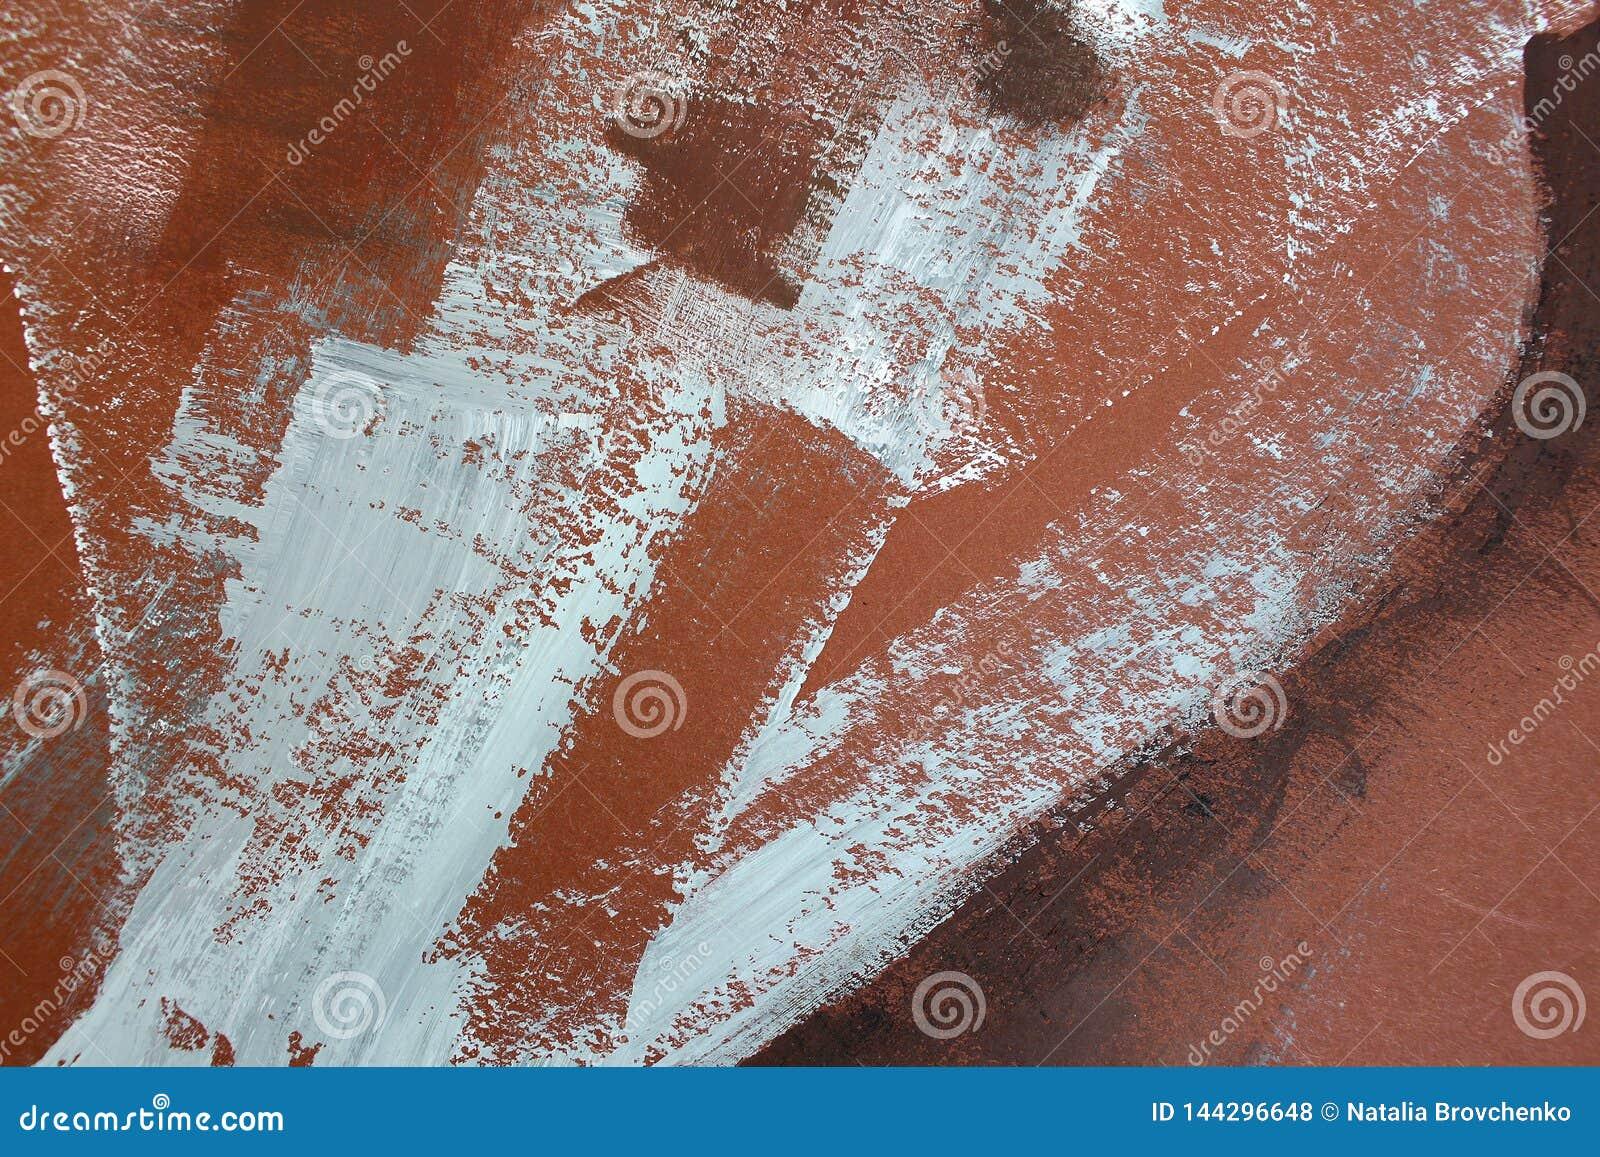 Bruna färger på kanfas abstrakt konstbakgrund Färgtextur Fragment av konstverk abstrakt kanfasmålning